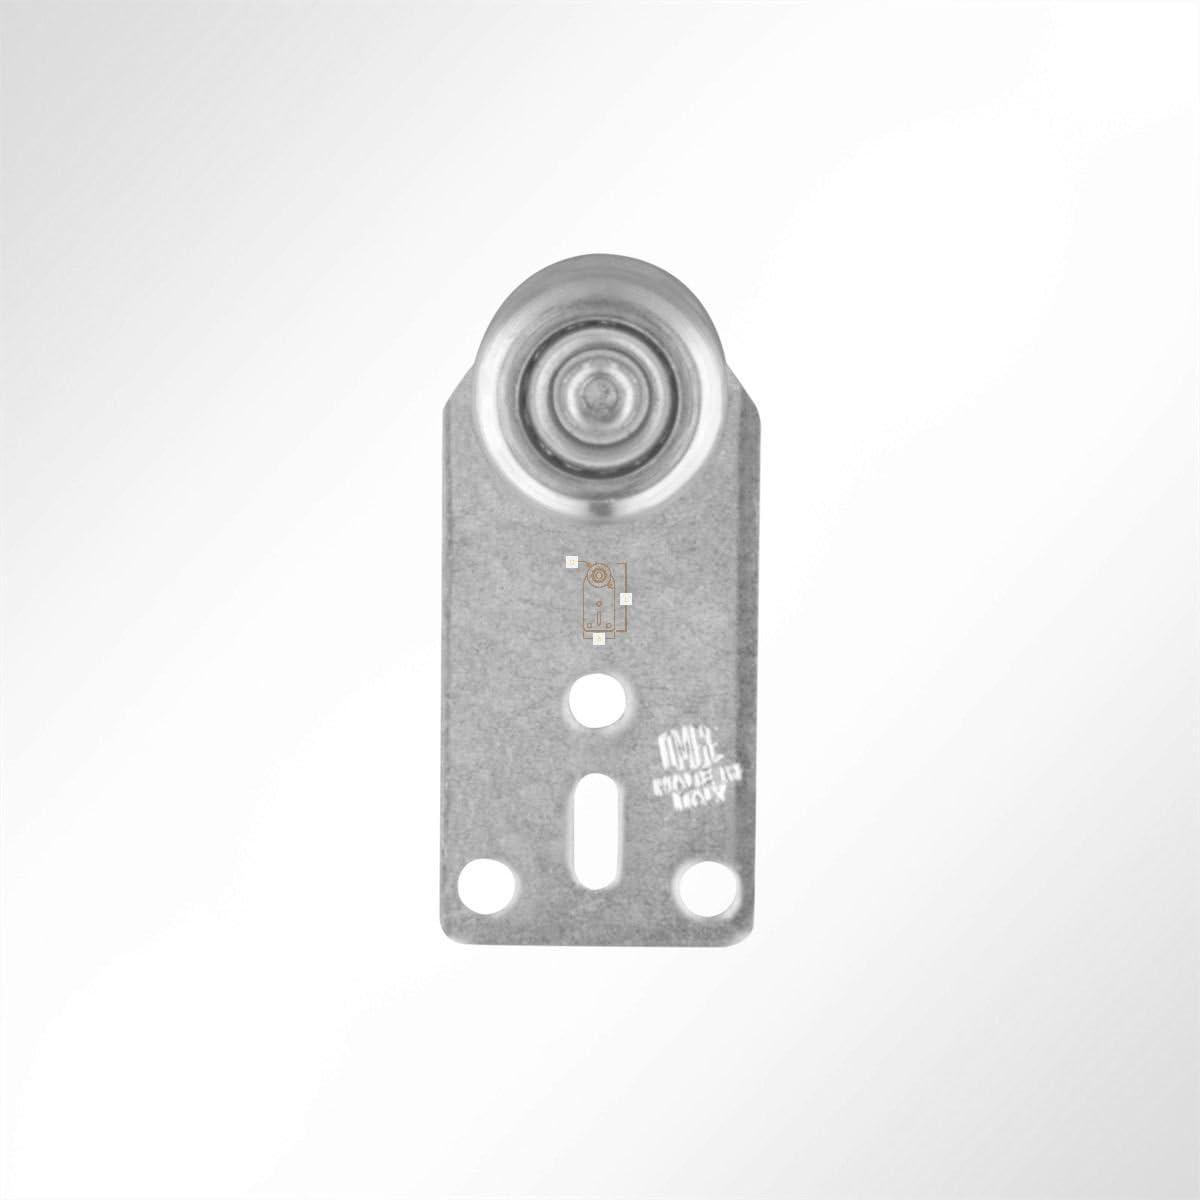 1 St/ück LYSEL Laufrolle F/ührungsrollen Laufwagen Rollenlaufwerk Kugellager 35 Kg Laufschiene